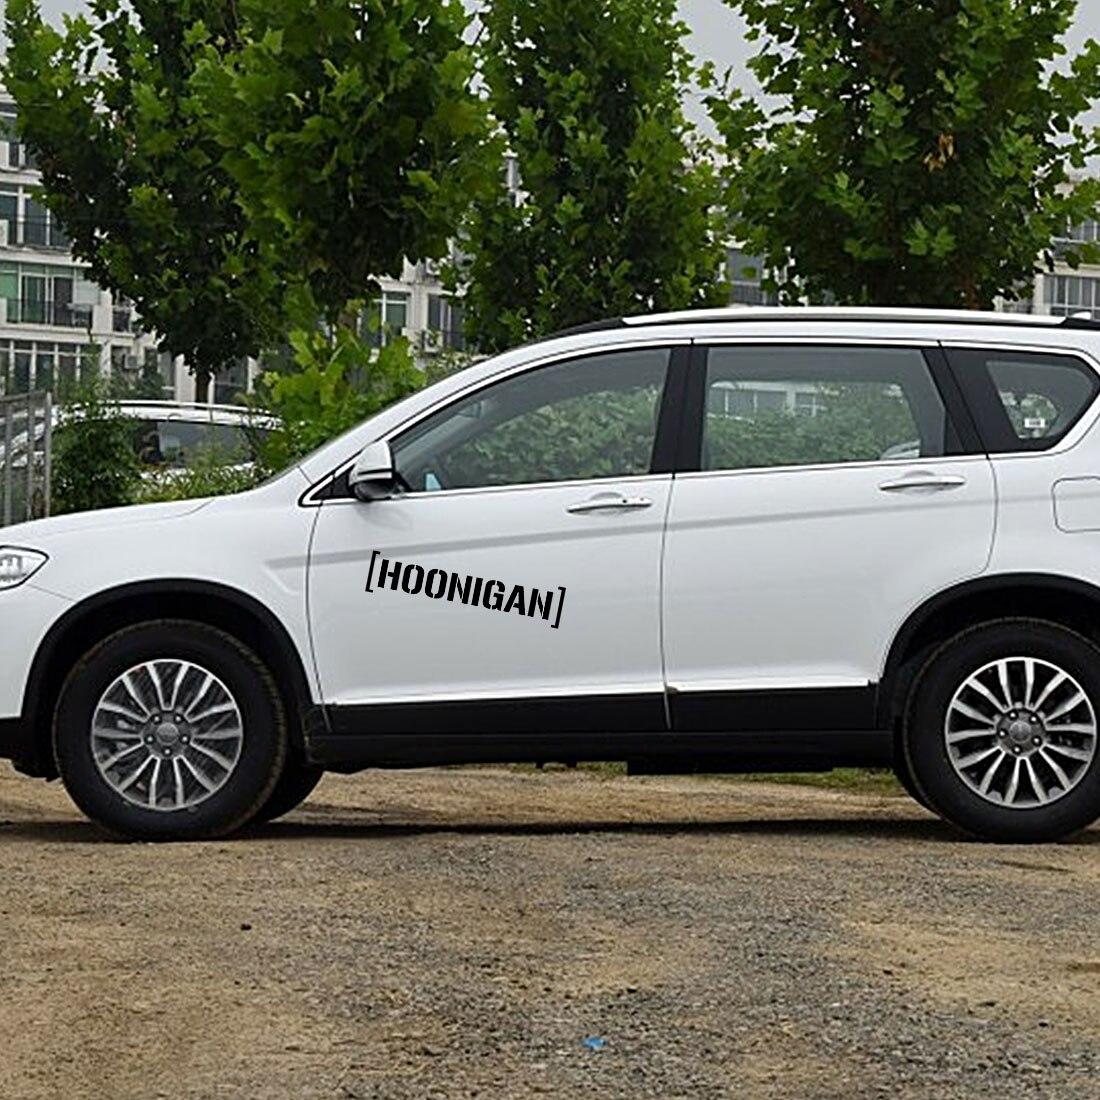 Dewtreetali Новое поступление Hoonigan Drift JDM автомобиля Стикеры s надписи Мотоцикл Авто черный/белый HOONIGAN Стикеры 25X5,5 см